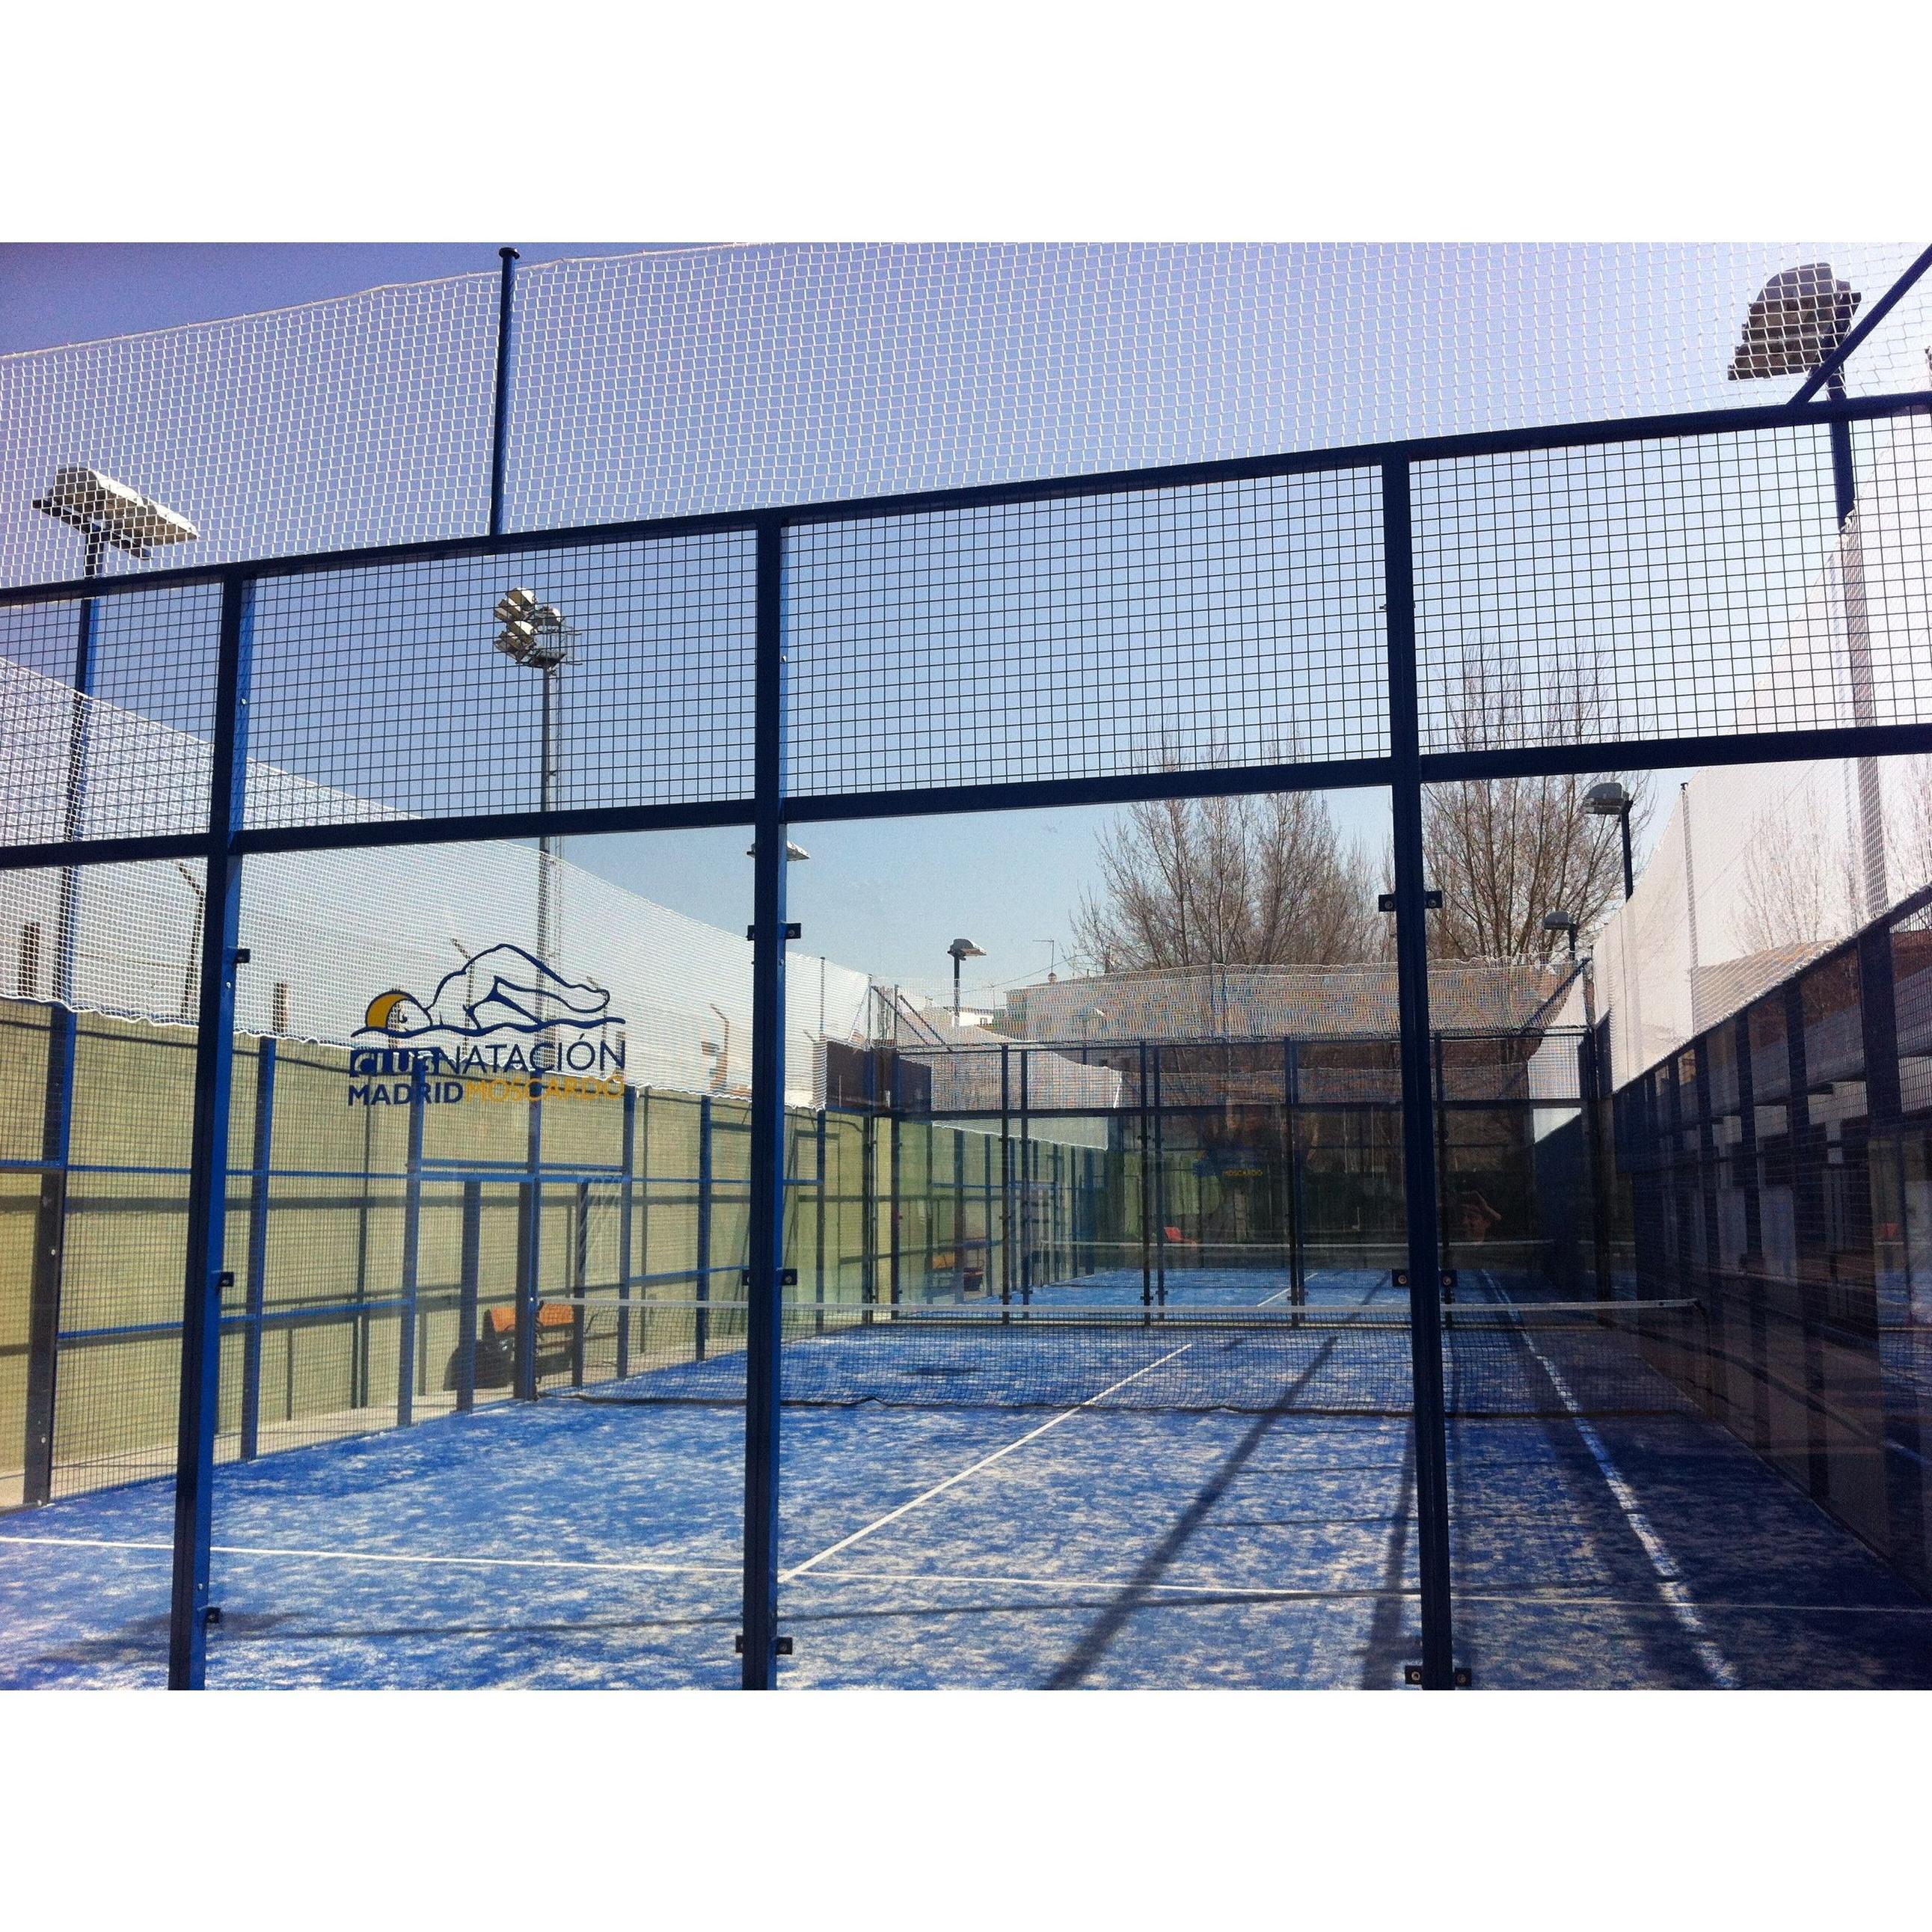 Pádel: Actividades de Club Natación Madrid Moscardó